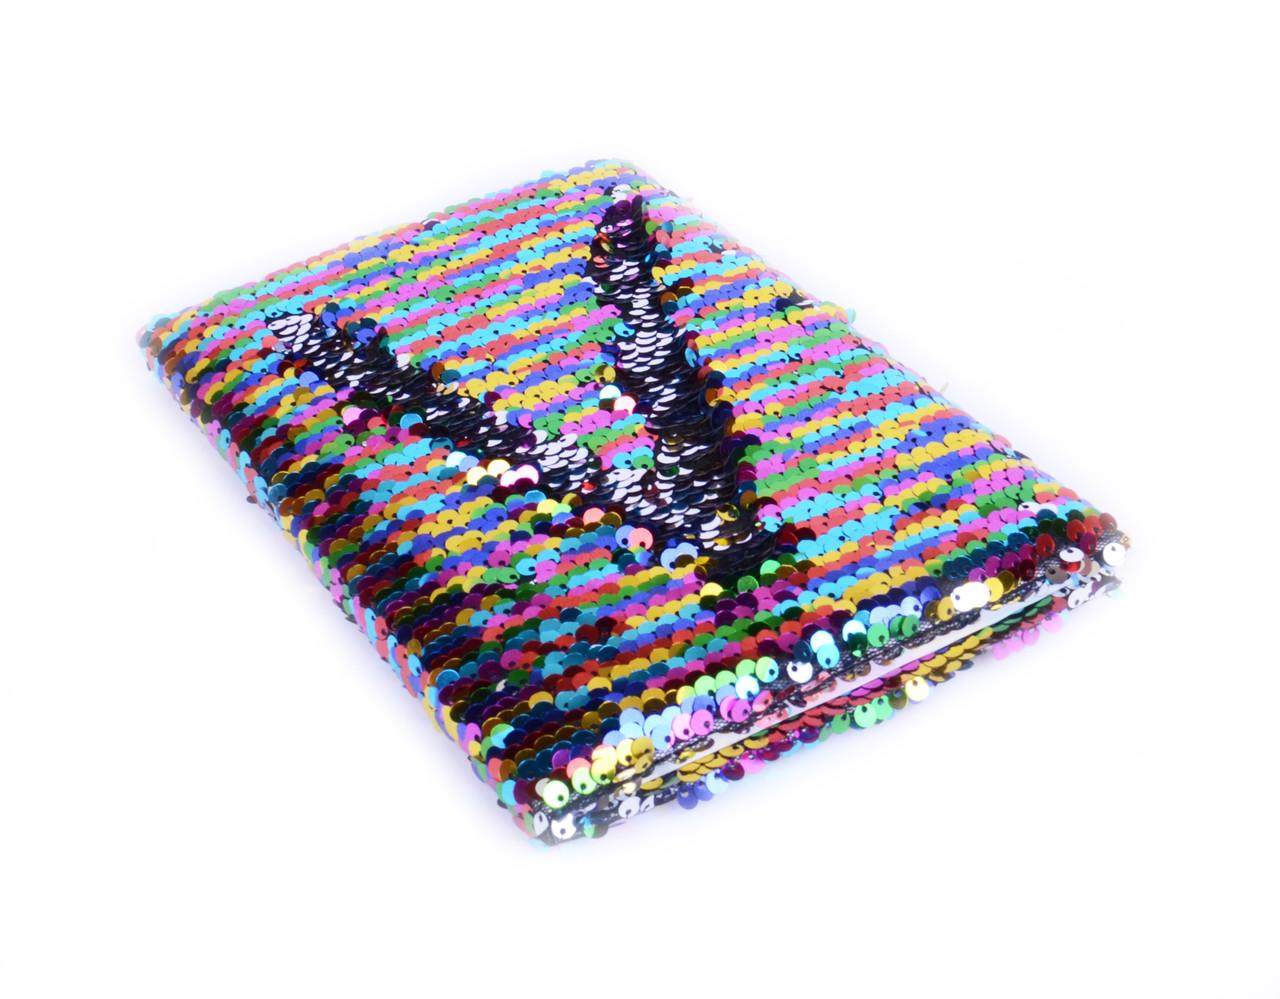 Блокнот А5 с цветными пайетками, 80л линия